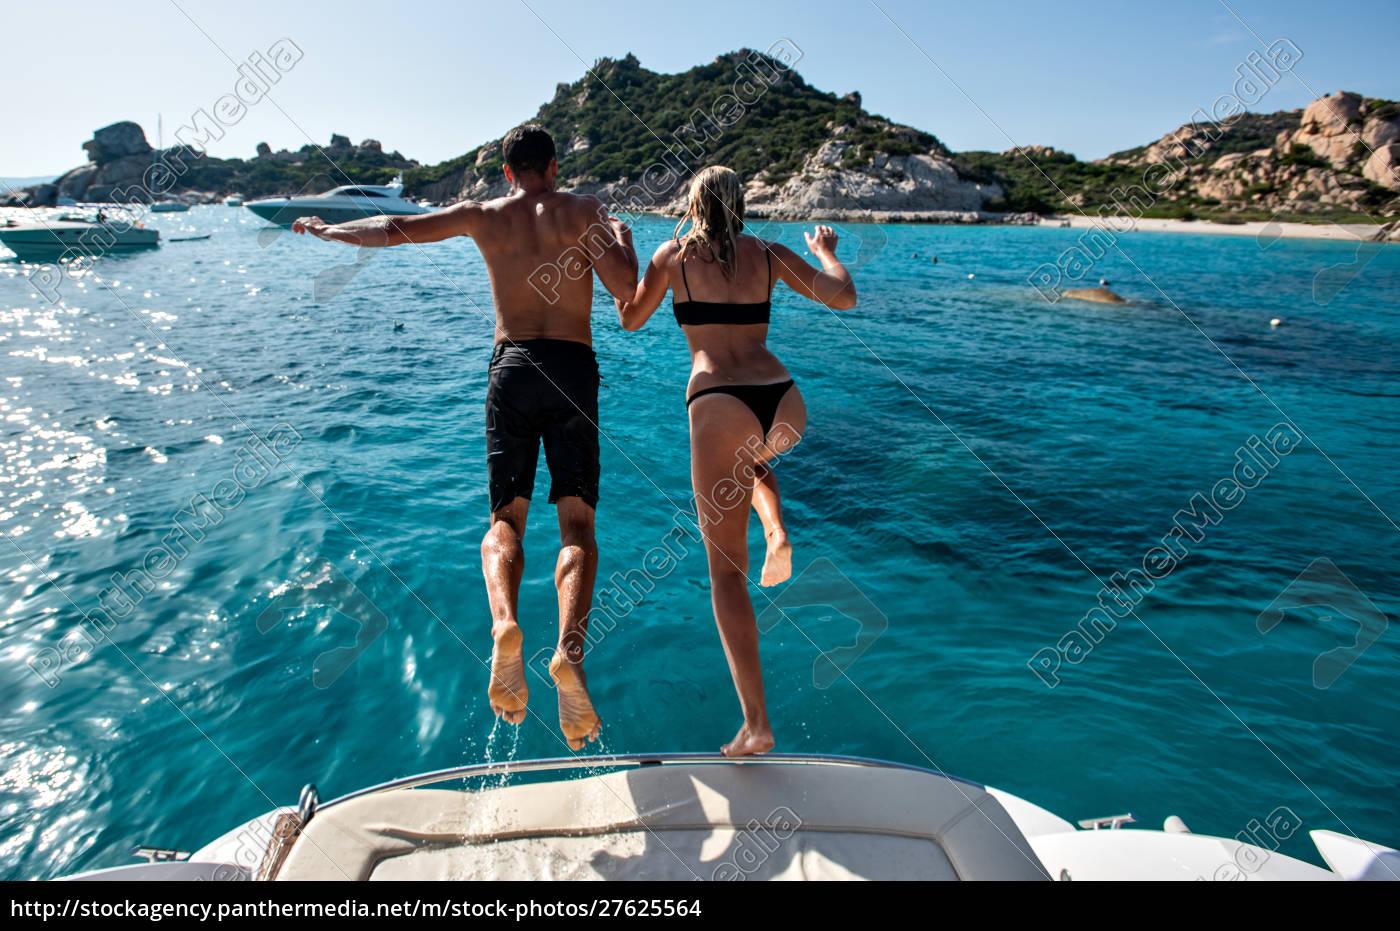 junges, paar, springt, ins, meer, von - 27625564